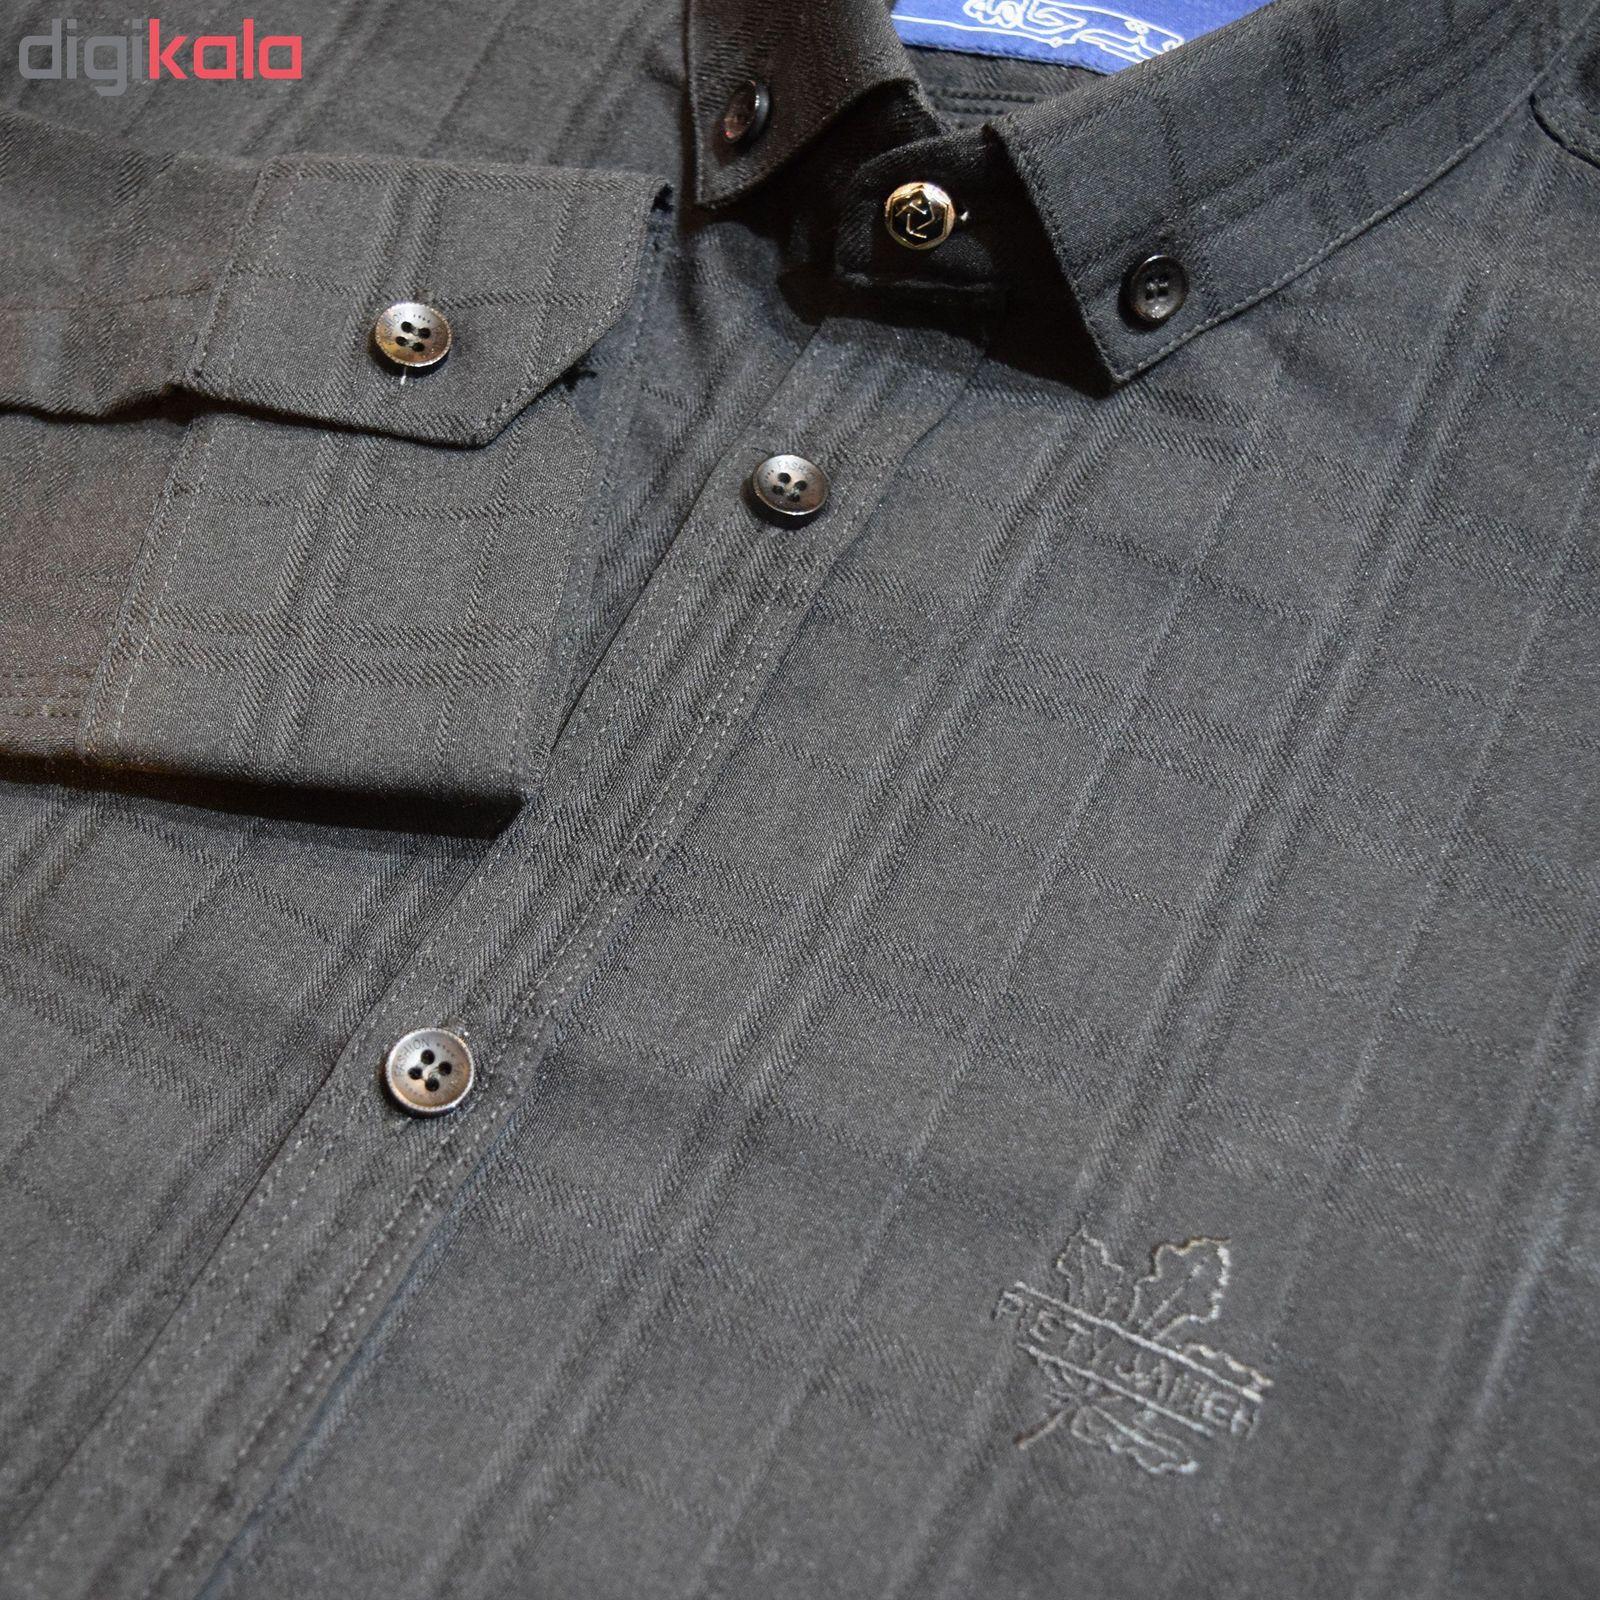 پیراهن مردانه پایتی جامه کد 1901439 main 1 5